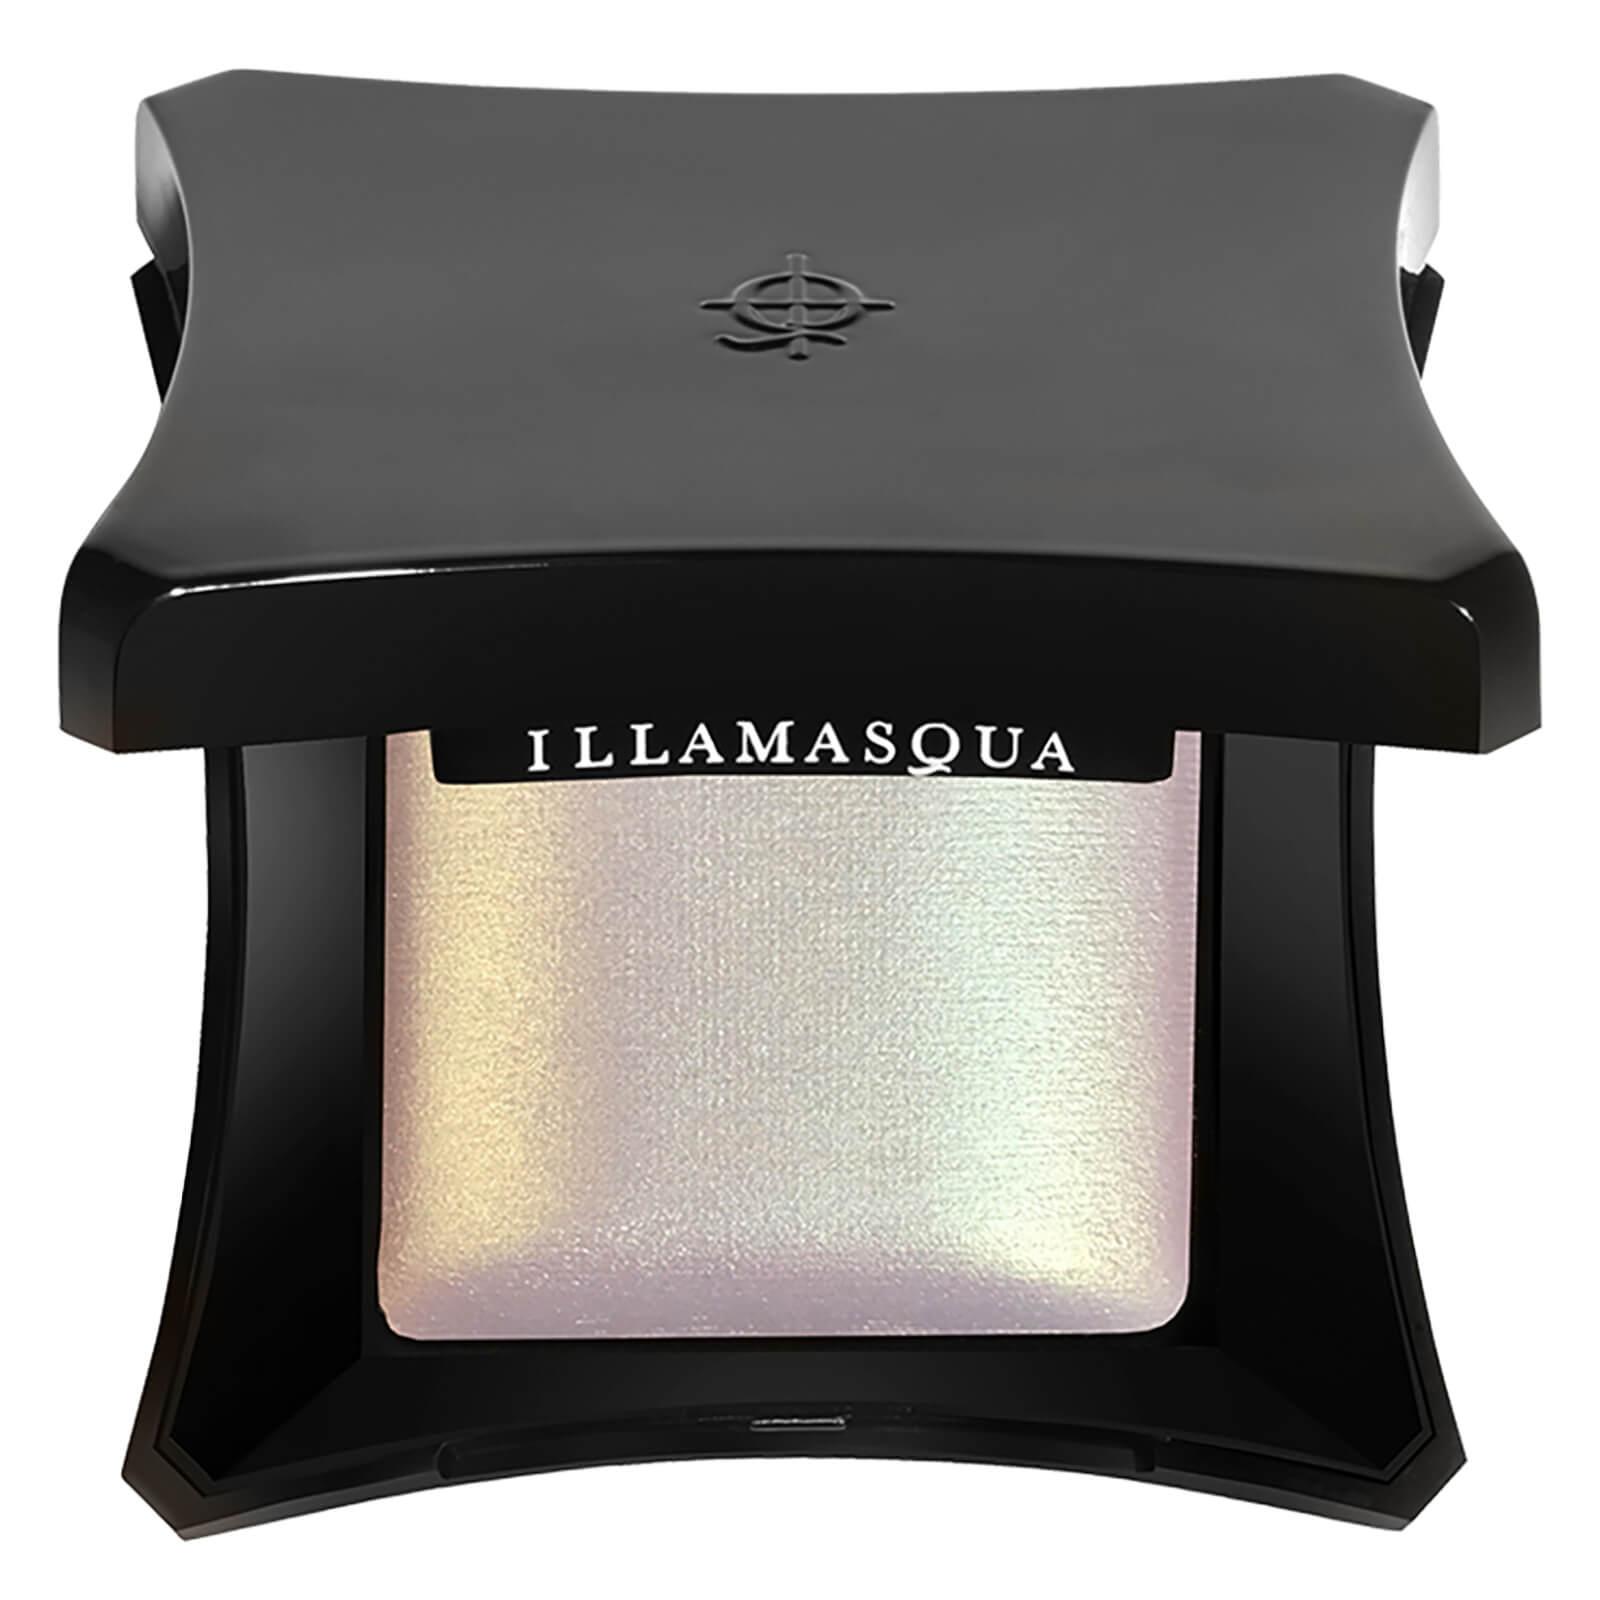 新低價!【可直郵】Illamasqua 英國官網:Beyond 系列高光盤促銷